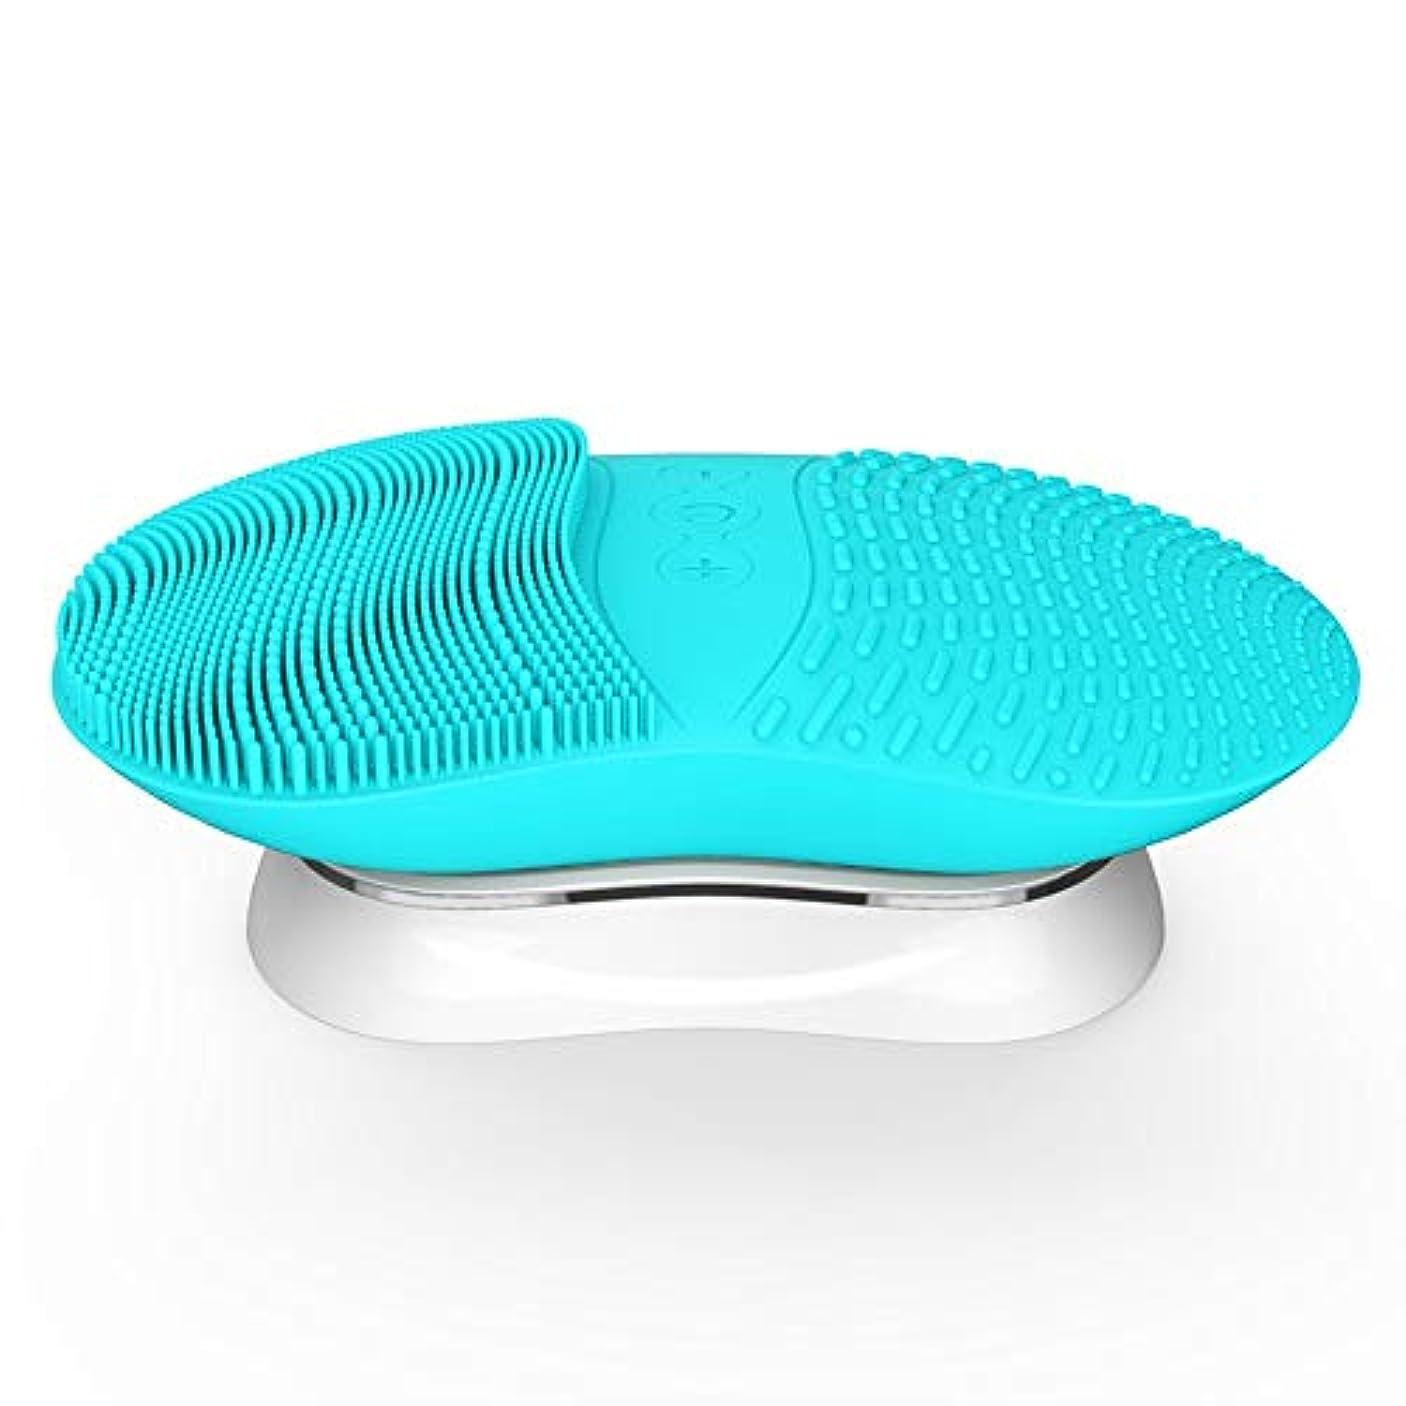 タップ乳マイクロフォンZXF 新ワイヤレス充電シリコンクレンジングブラシ超音波振動ディープクリーン防水暖かさクレンジング美容機器クレンジング機器 滑らかである